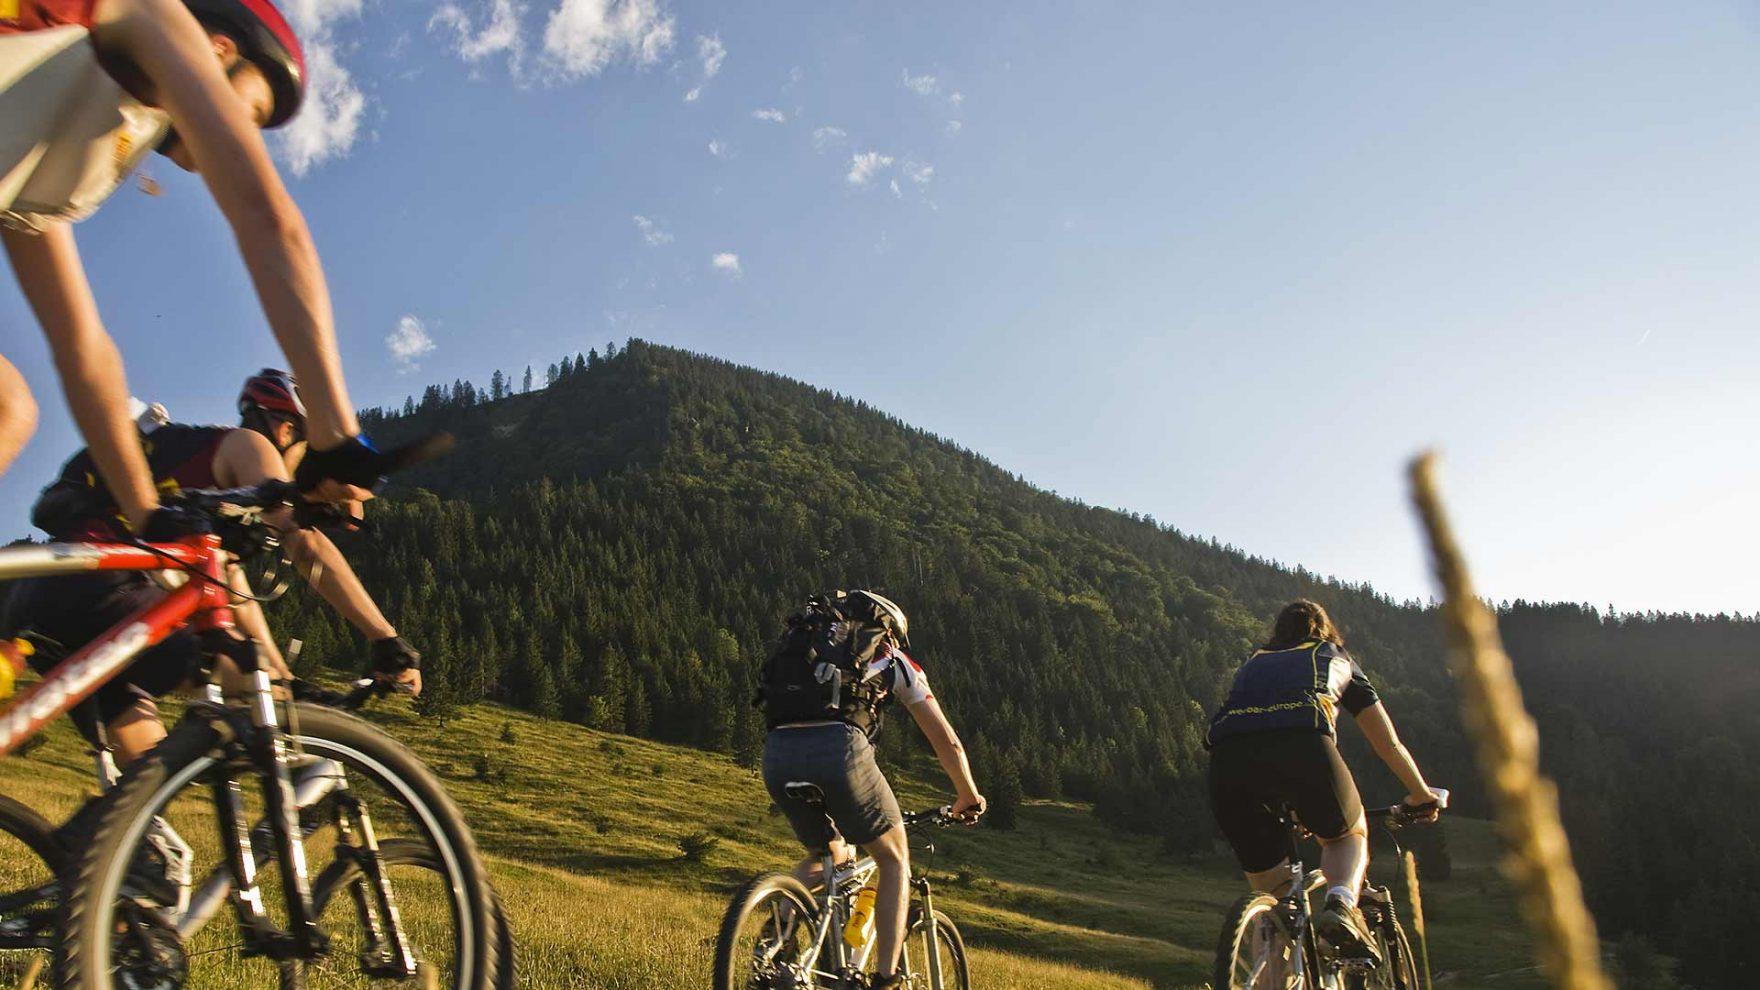 Vacanze estive a Merano e dintorni - Vacanze in bici